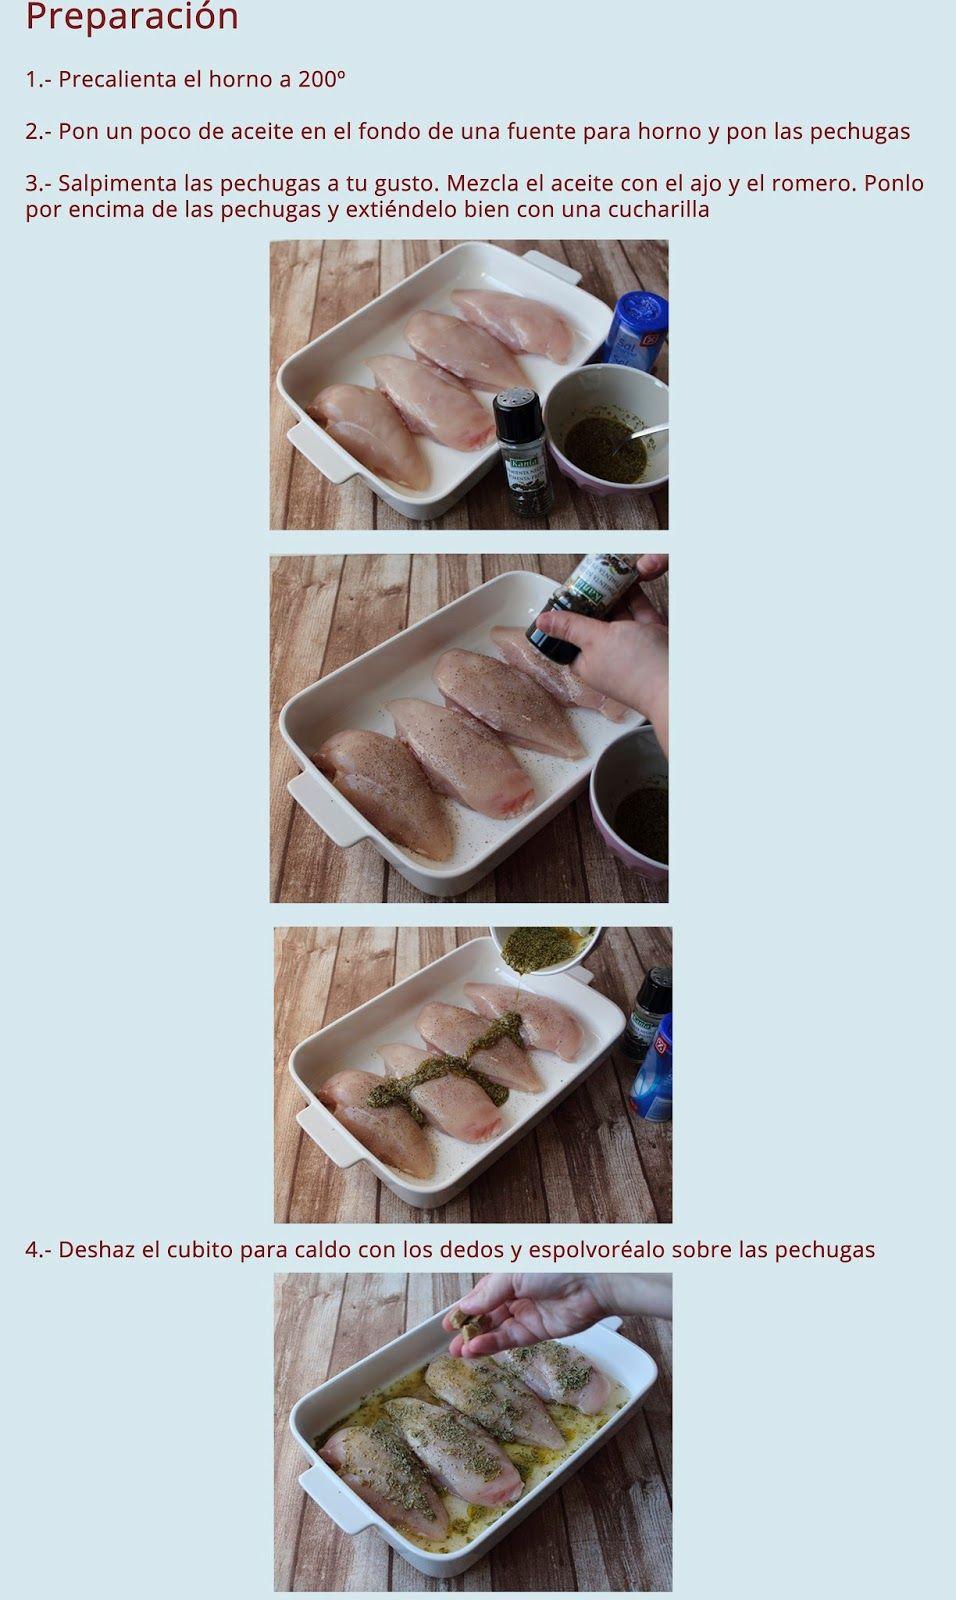 Cómo Hacer Pechugas De Pollo Al Horno Y Un Truco Genial Para Que Te Queden Muy Jugosas Pechuga De Pollo Al Horno Pechuga De Pollo Cocinar Pechugas De Pollo